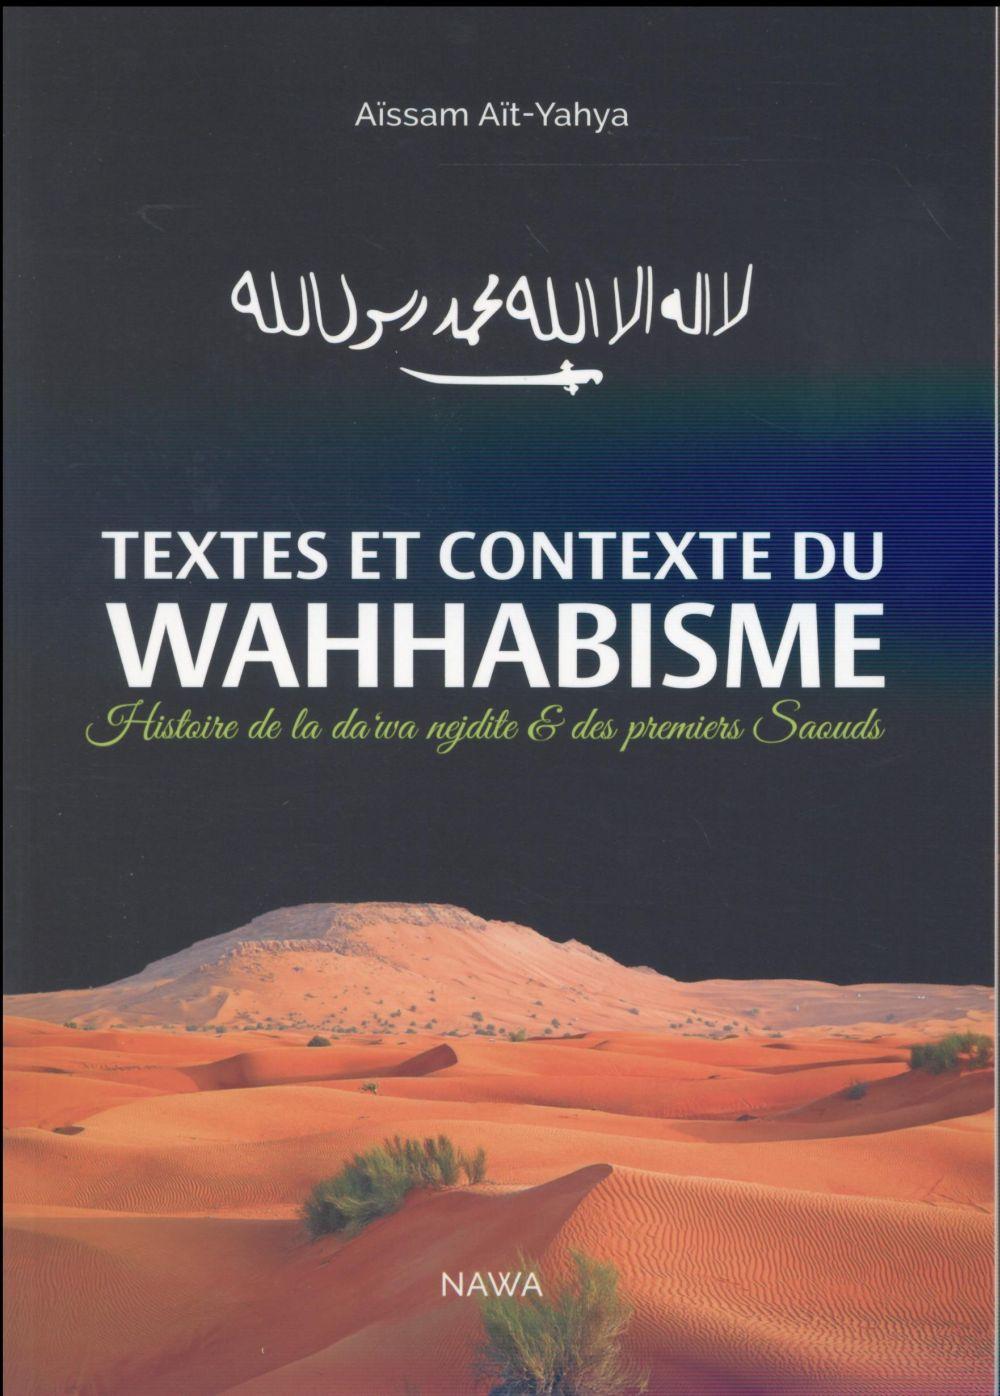 Textes et contexte du Wahhabisme : précis d'Histoire de la da'wanajdite et des premiers Saouds